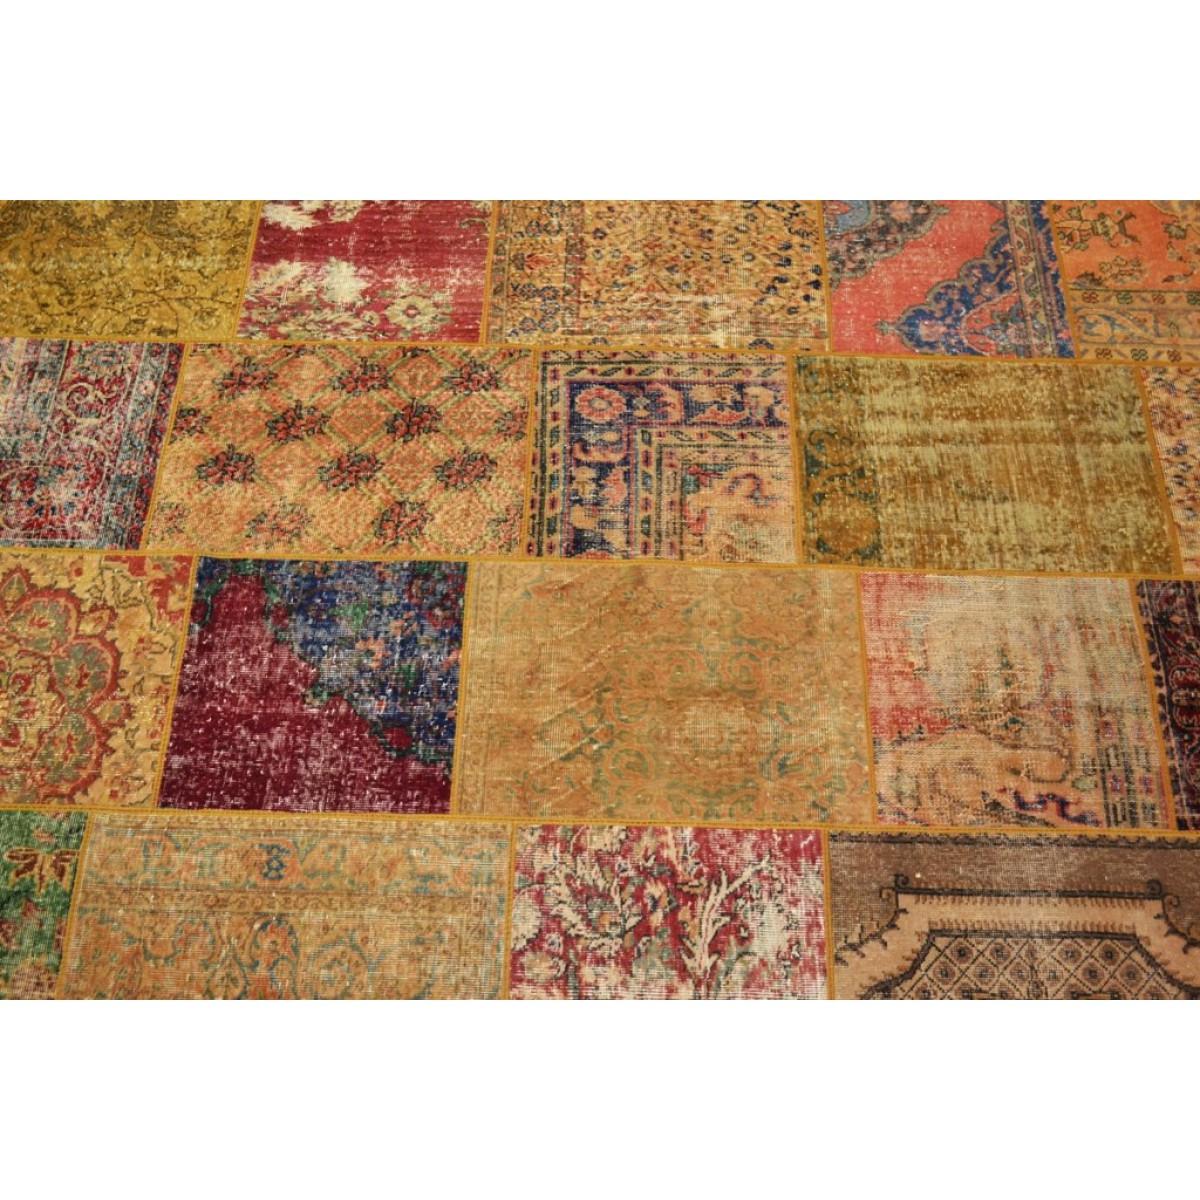 vintage_rustic_patchwork_karpet_vloerkleed_brinker_carpets_detail